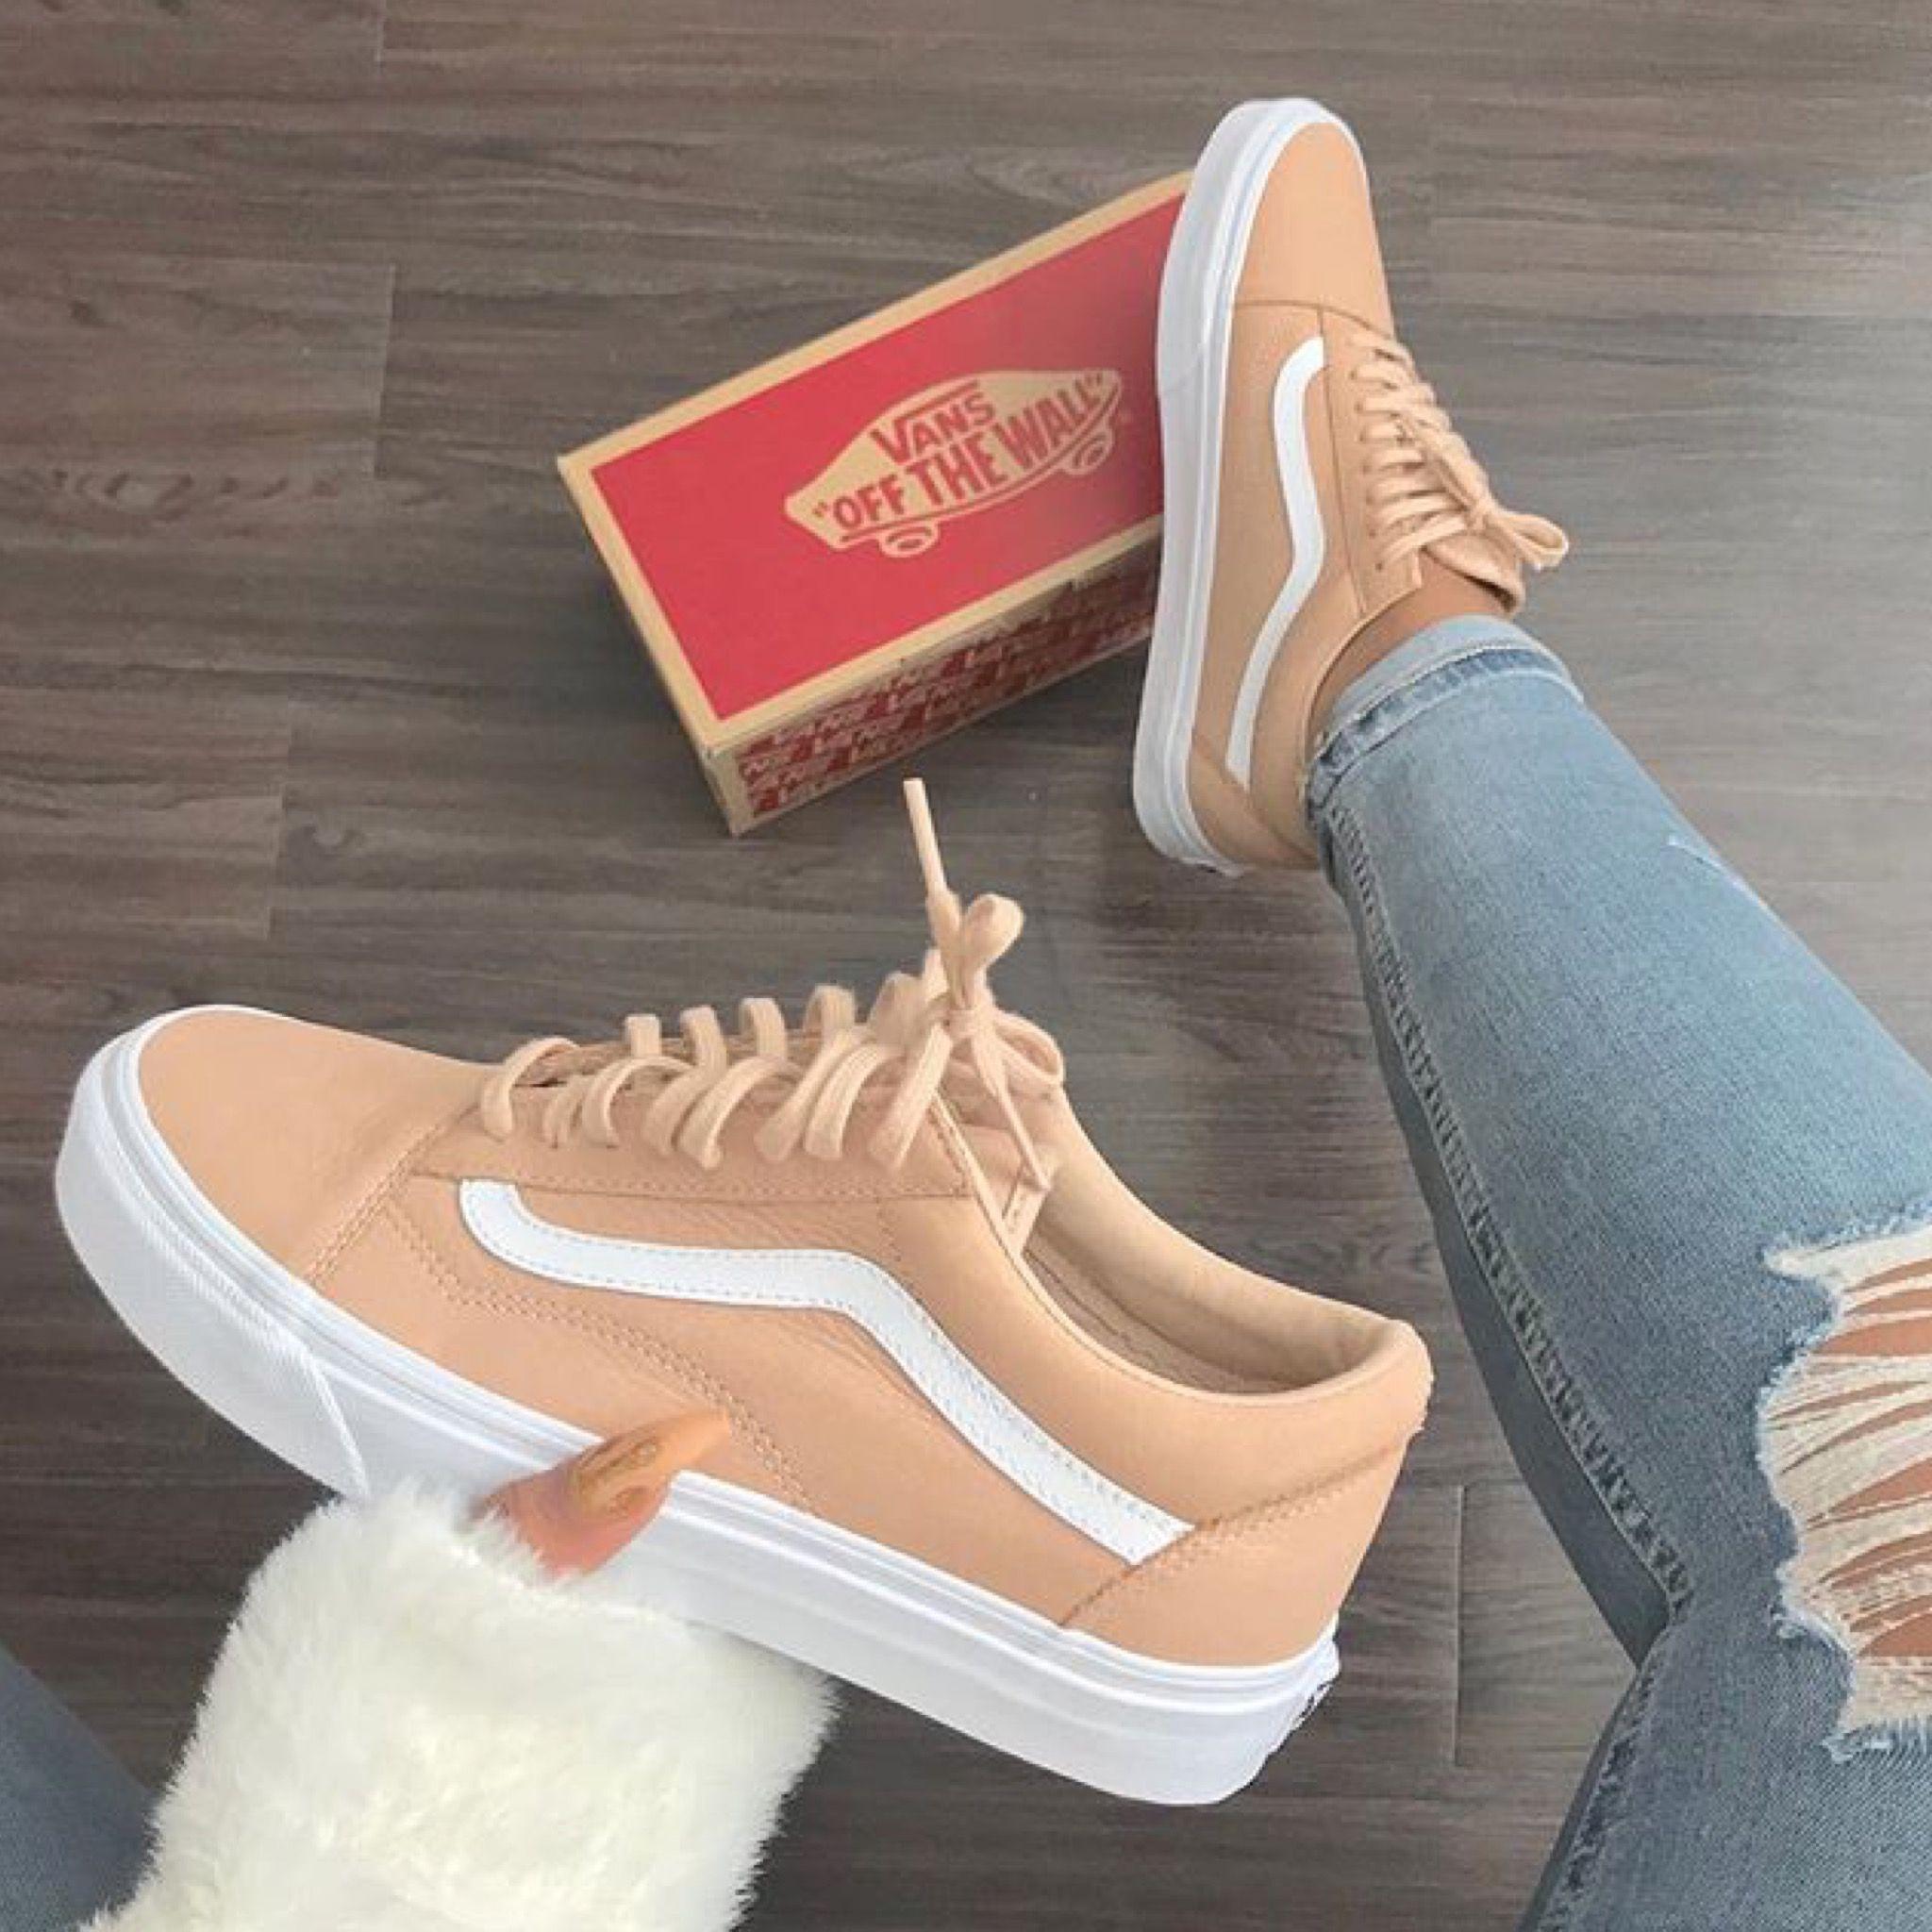 Épinglé par HHln Chaussure, sur Shoes   Chaussure, HHln Soulier et 26e844